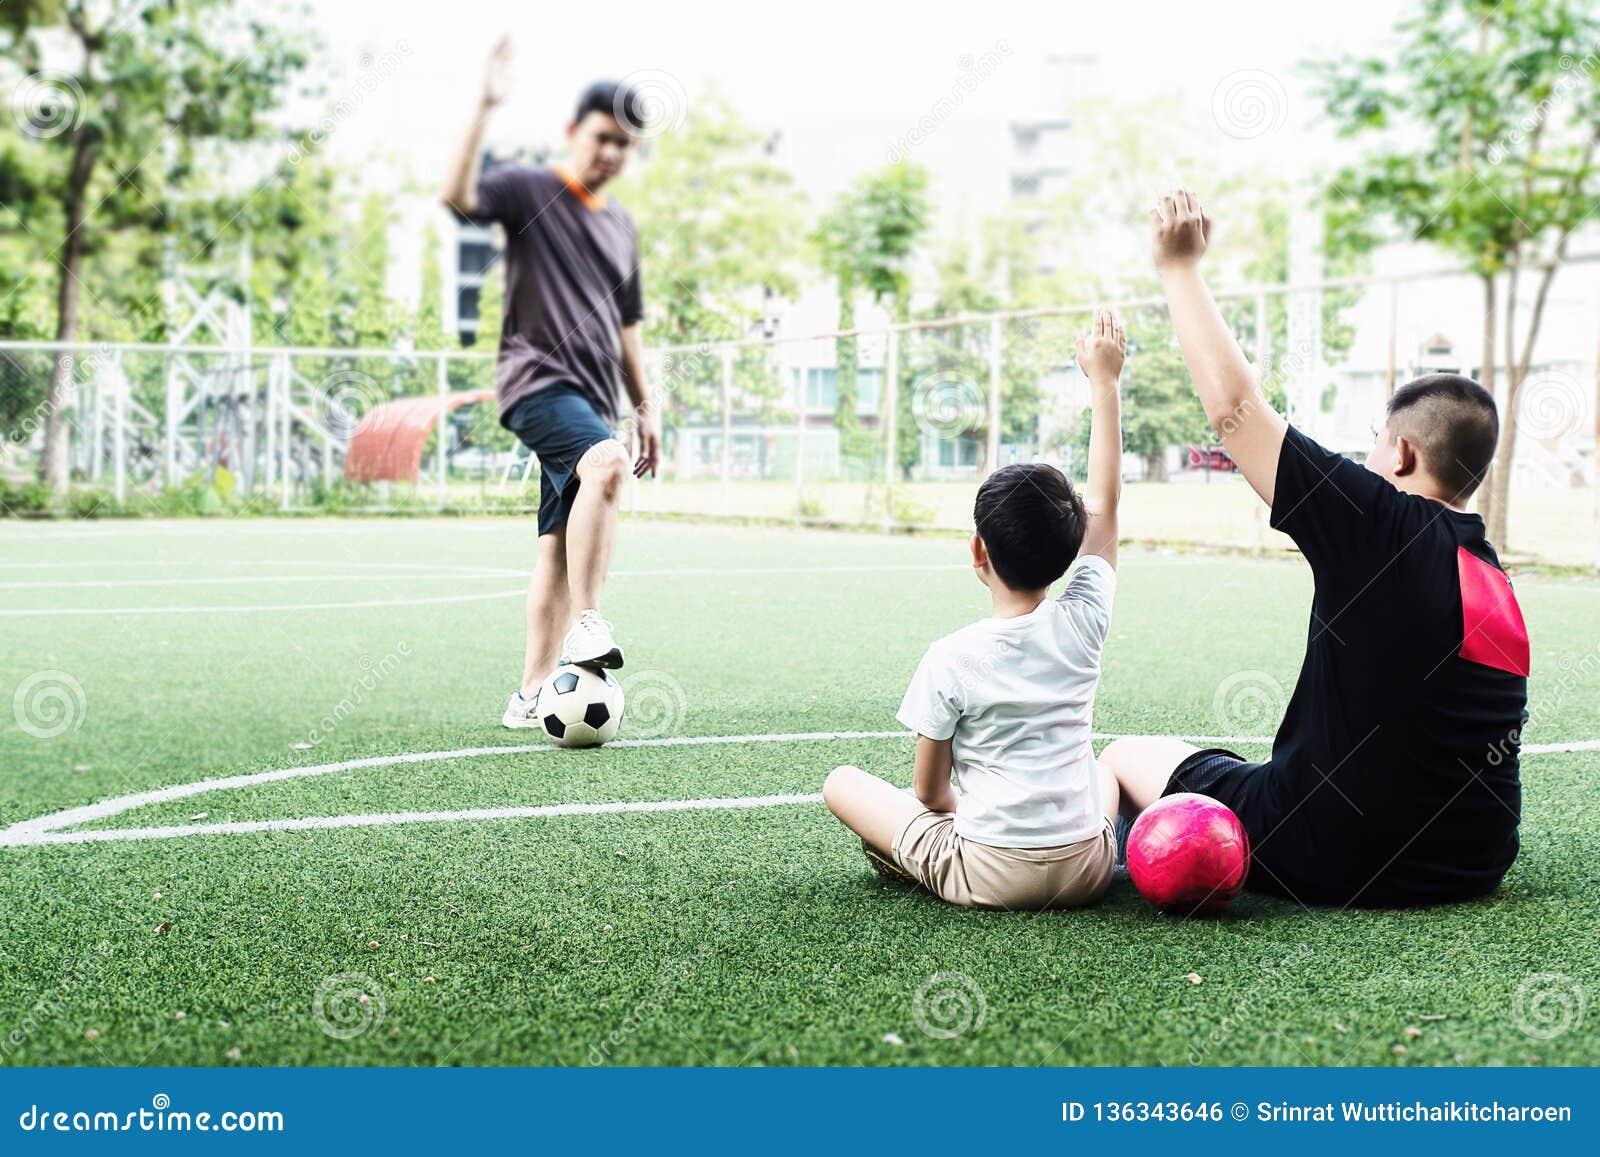 爸爸教练他的孩子如何踢足球